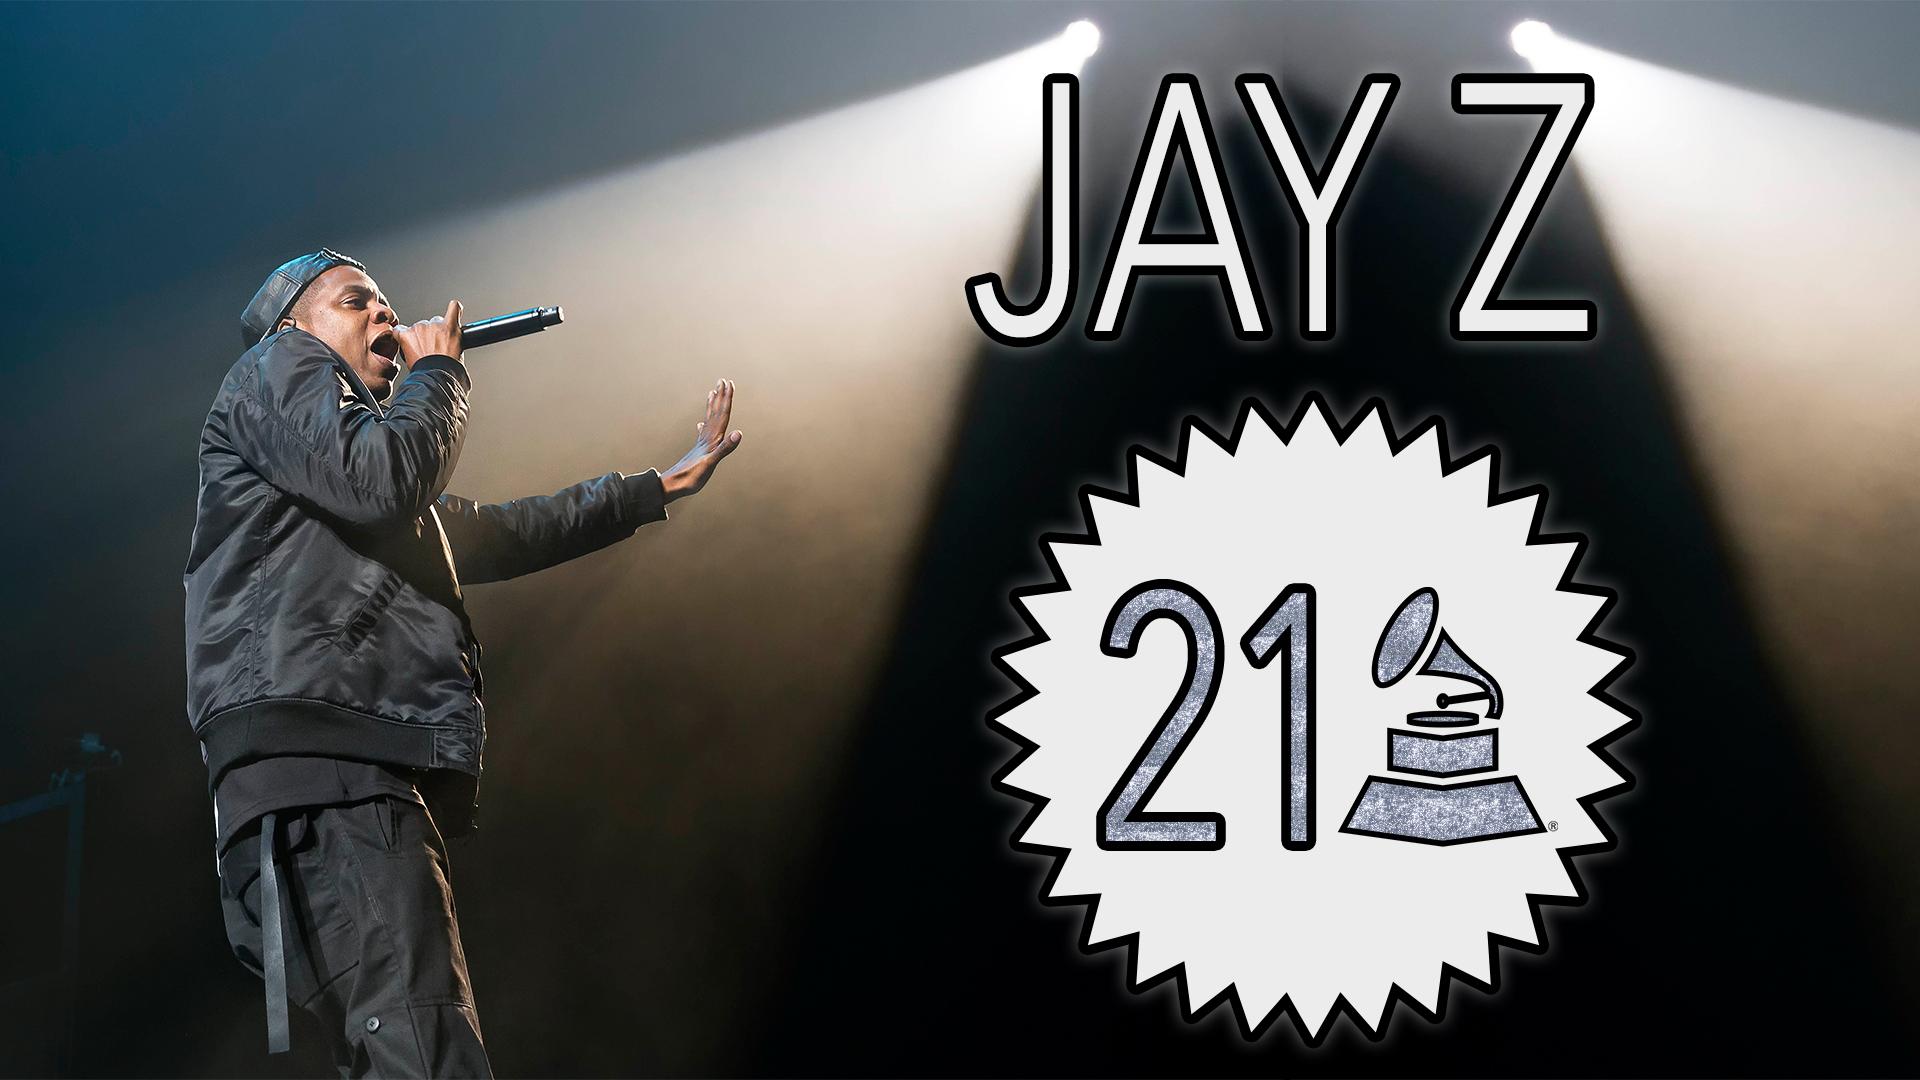 Jay Z with 21 GRAMMY Awards